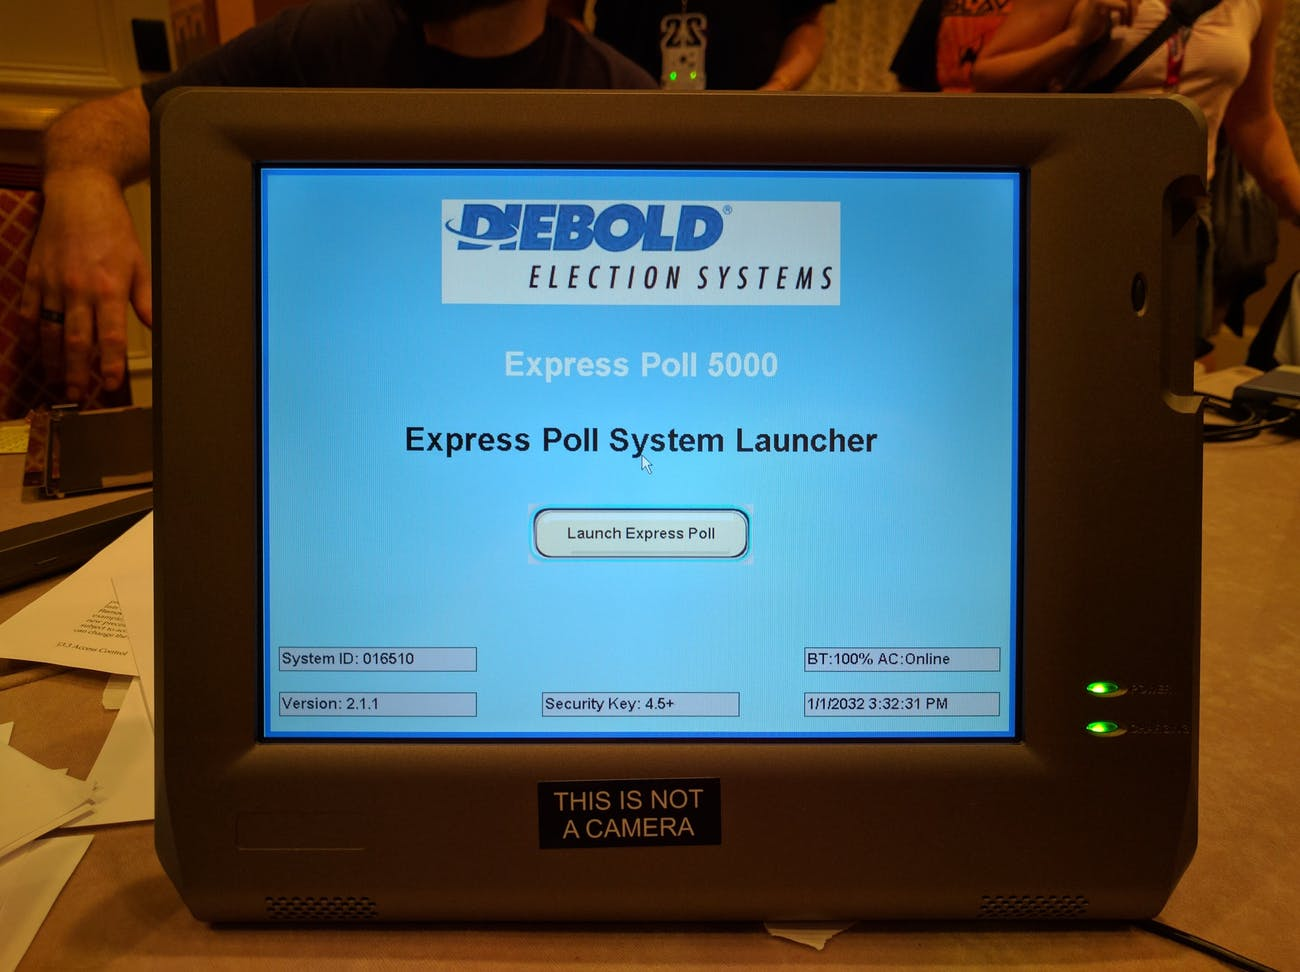 Expresspoll 5000 voting machine at DEFCON.